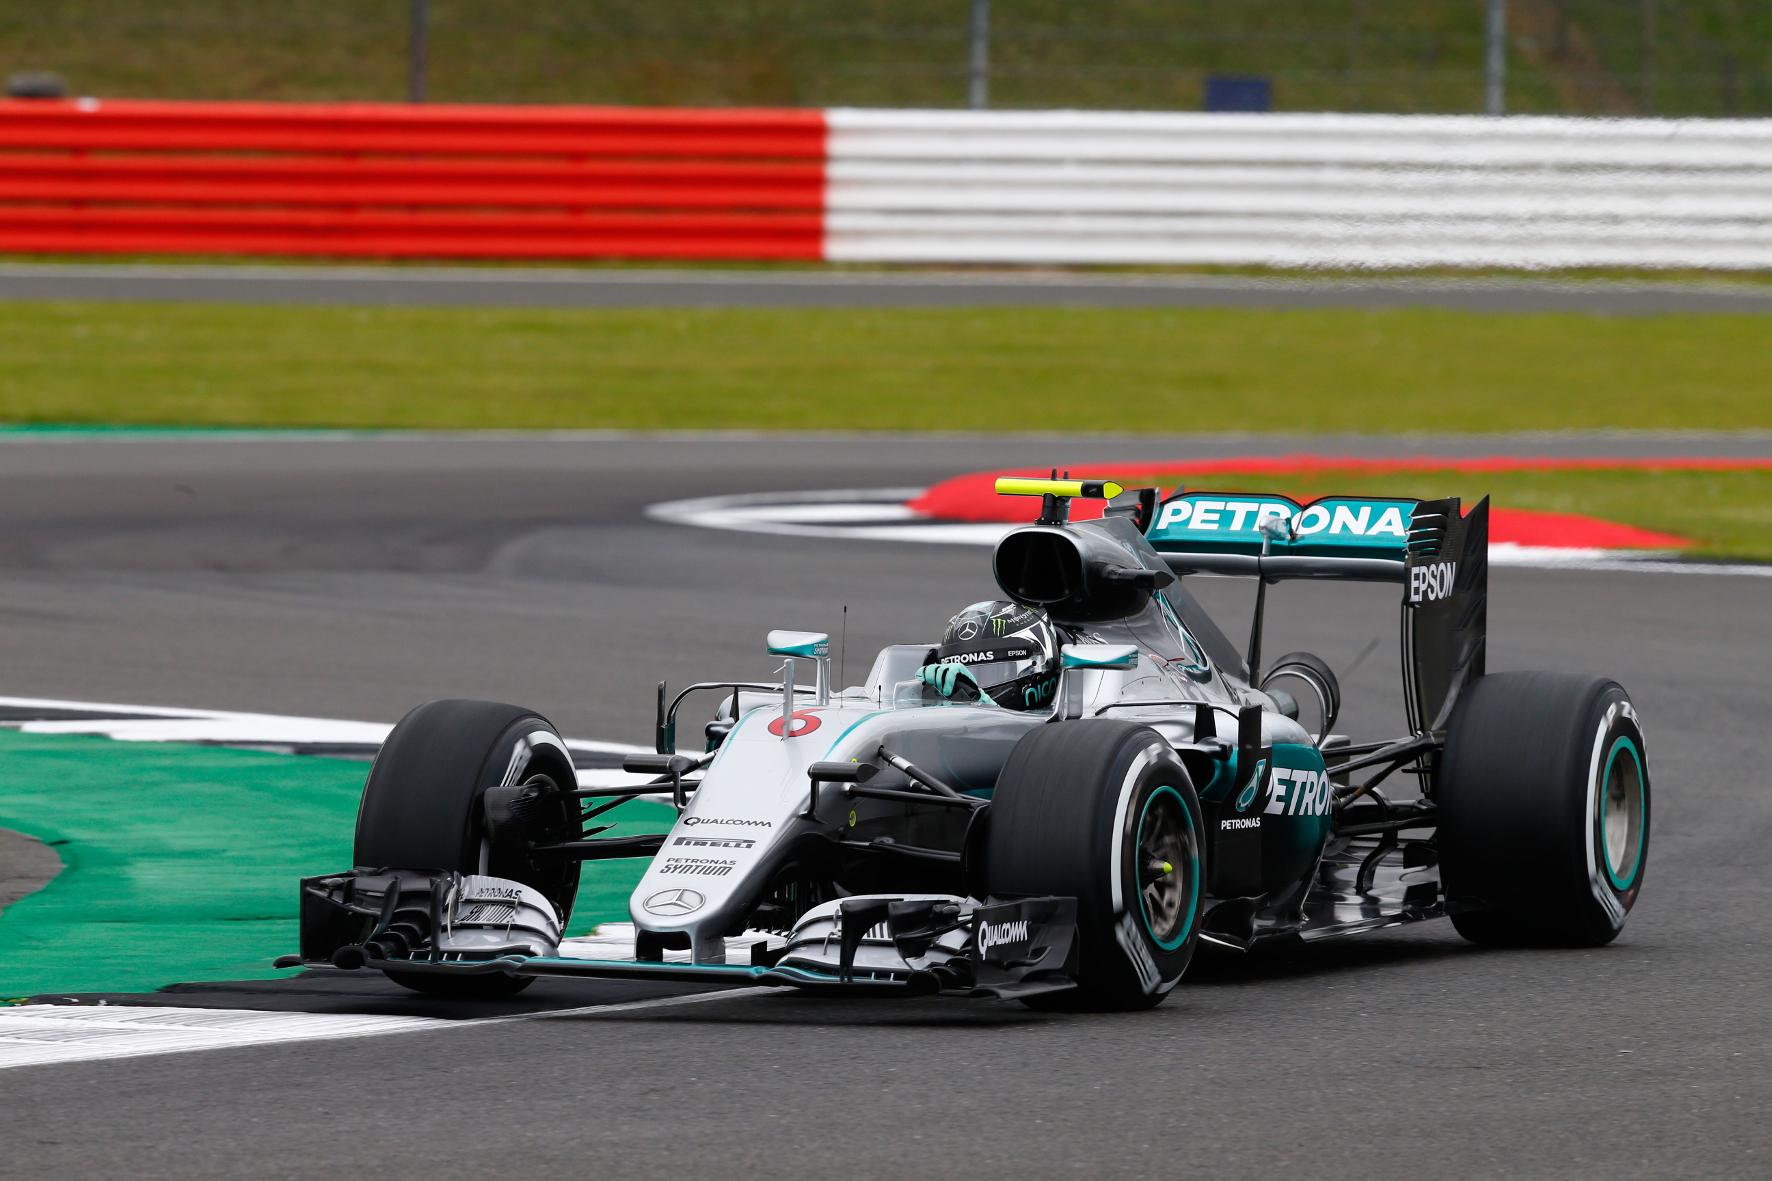 mid Groß-Gerau - Jetzt oder nie? Nico Rosberg kann beim letzten Formel-1-Rennen der Saison 2016 Weltmeister werden.